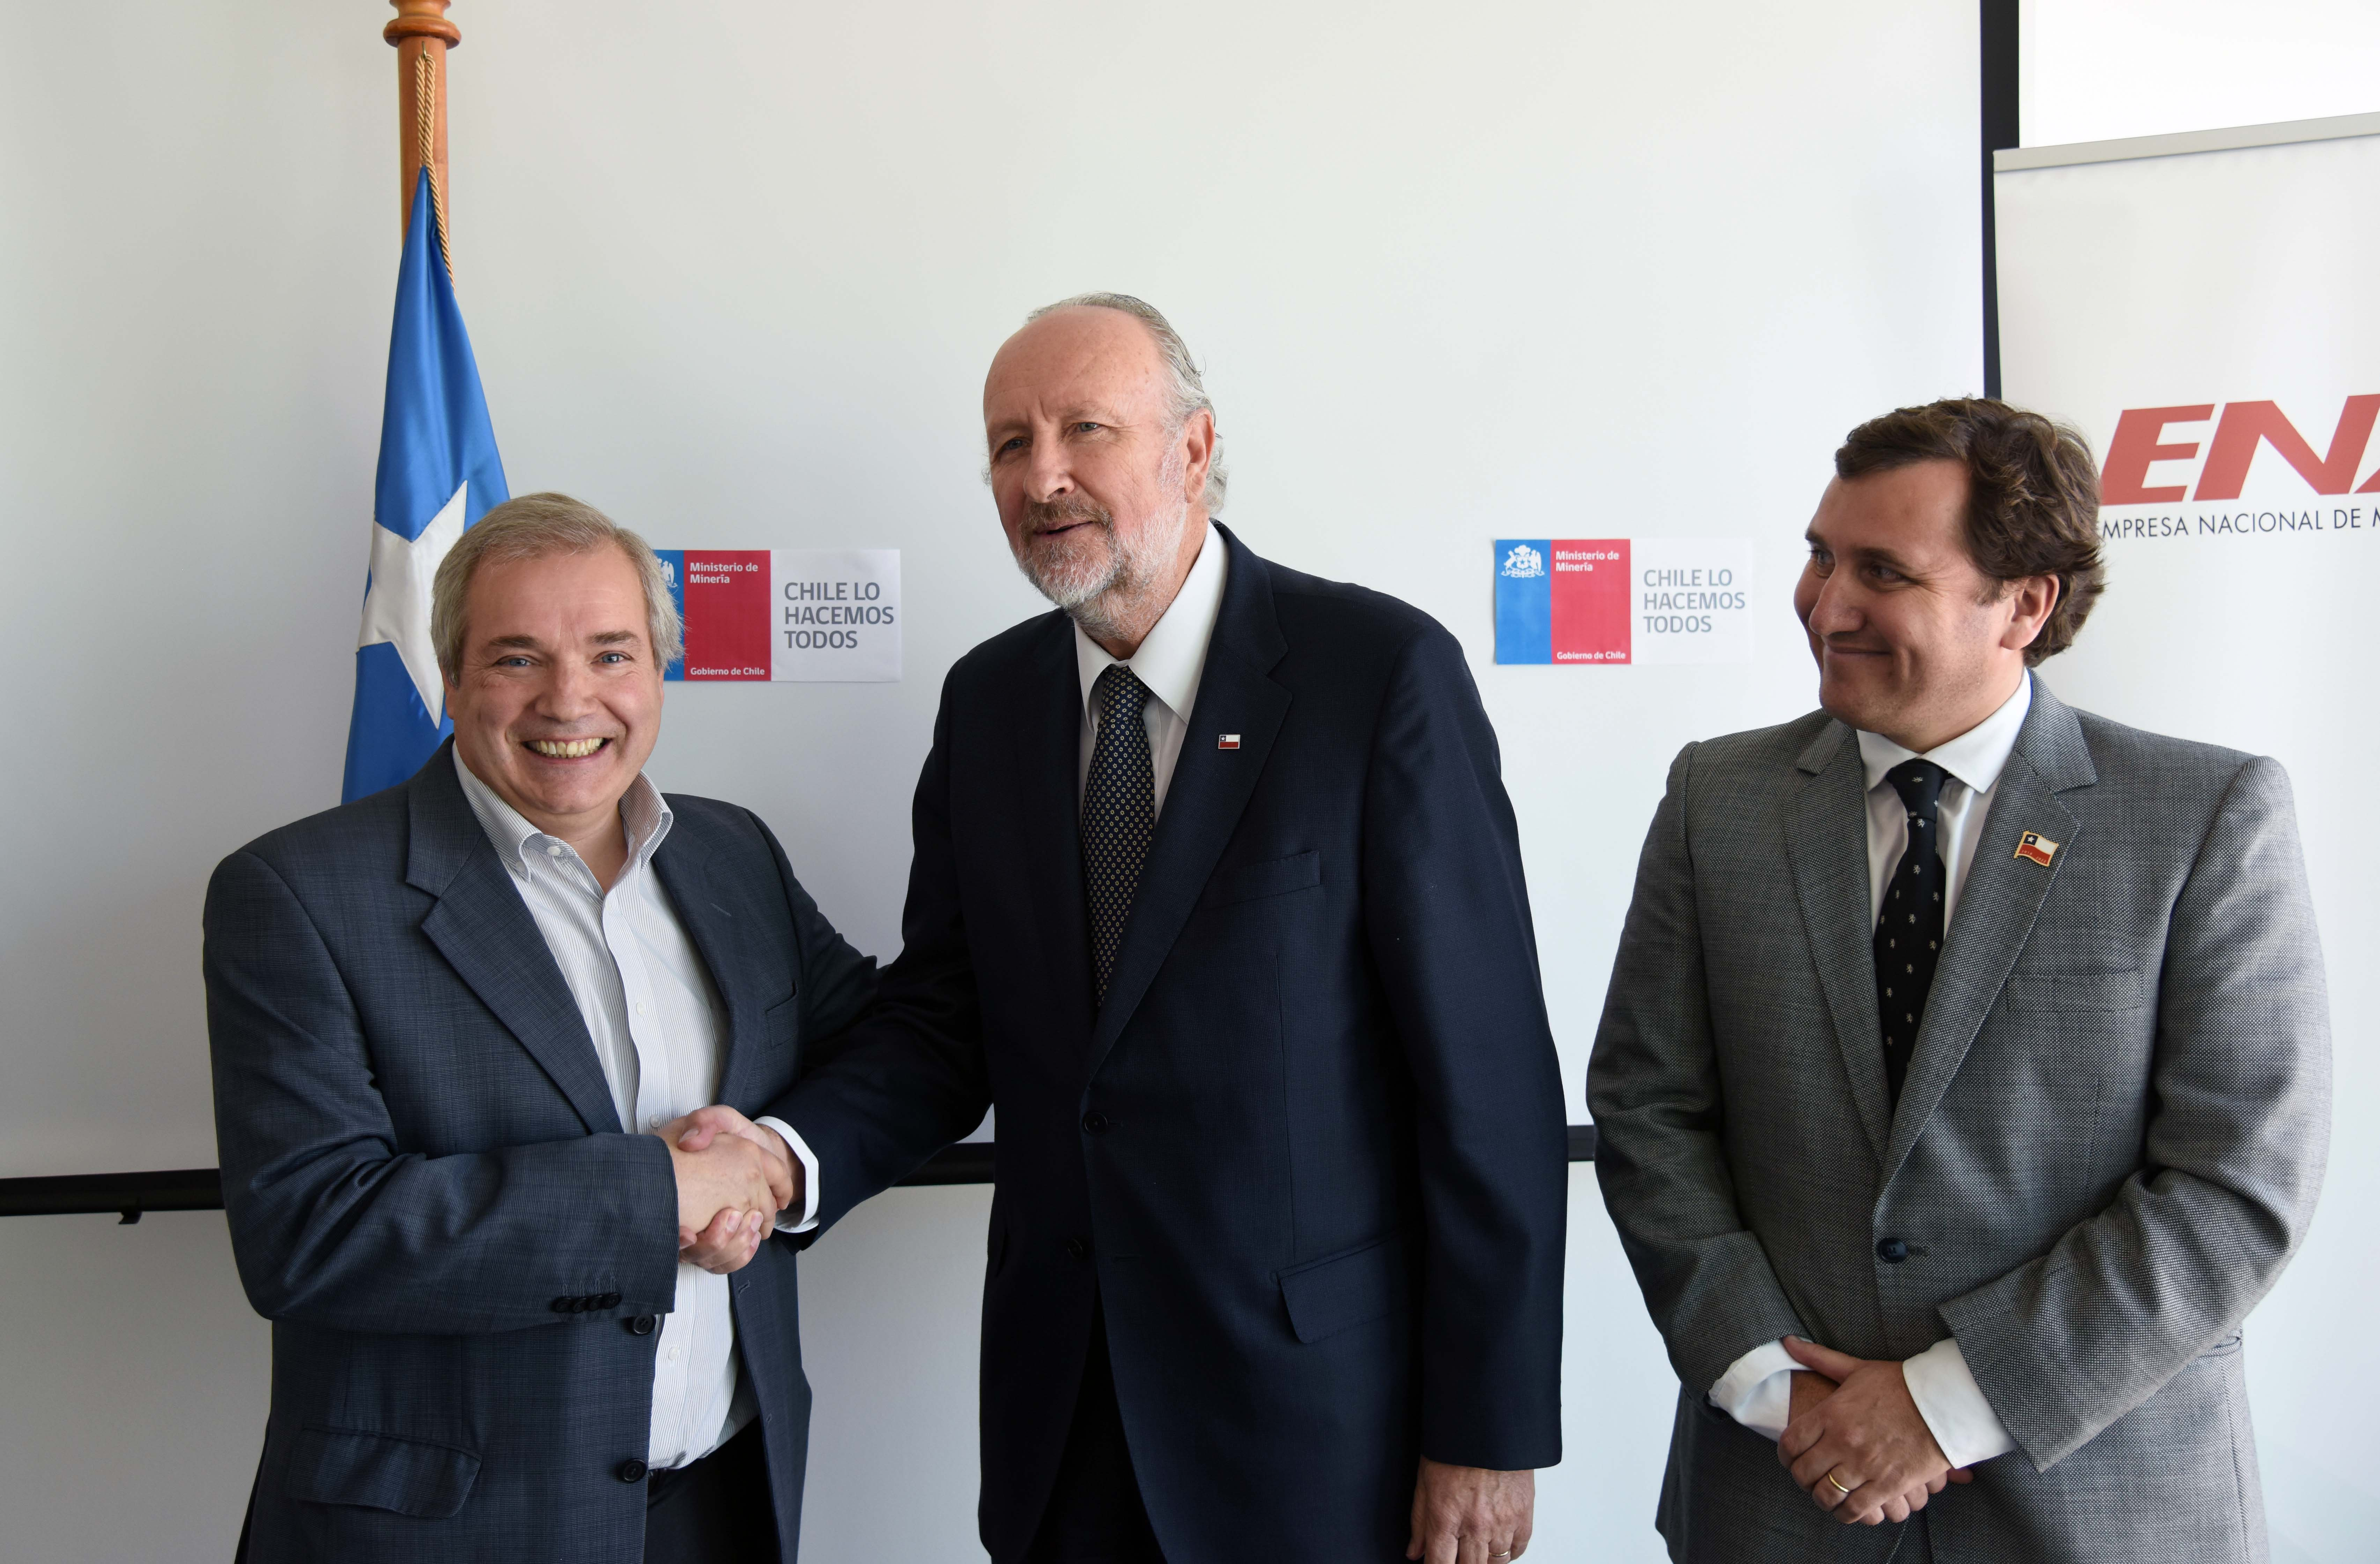 Ministro Baldo Prokurica y subsecretario Pablo Terrazas anuncian a André Sougarret como vicepresidente Ejecutivo de Enami _